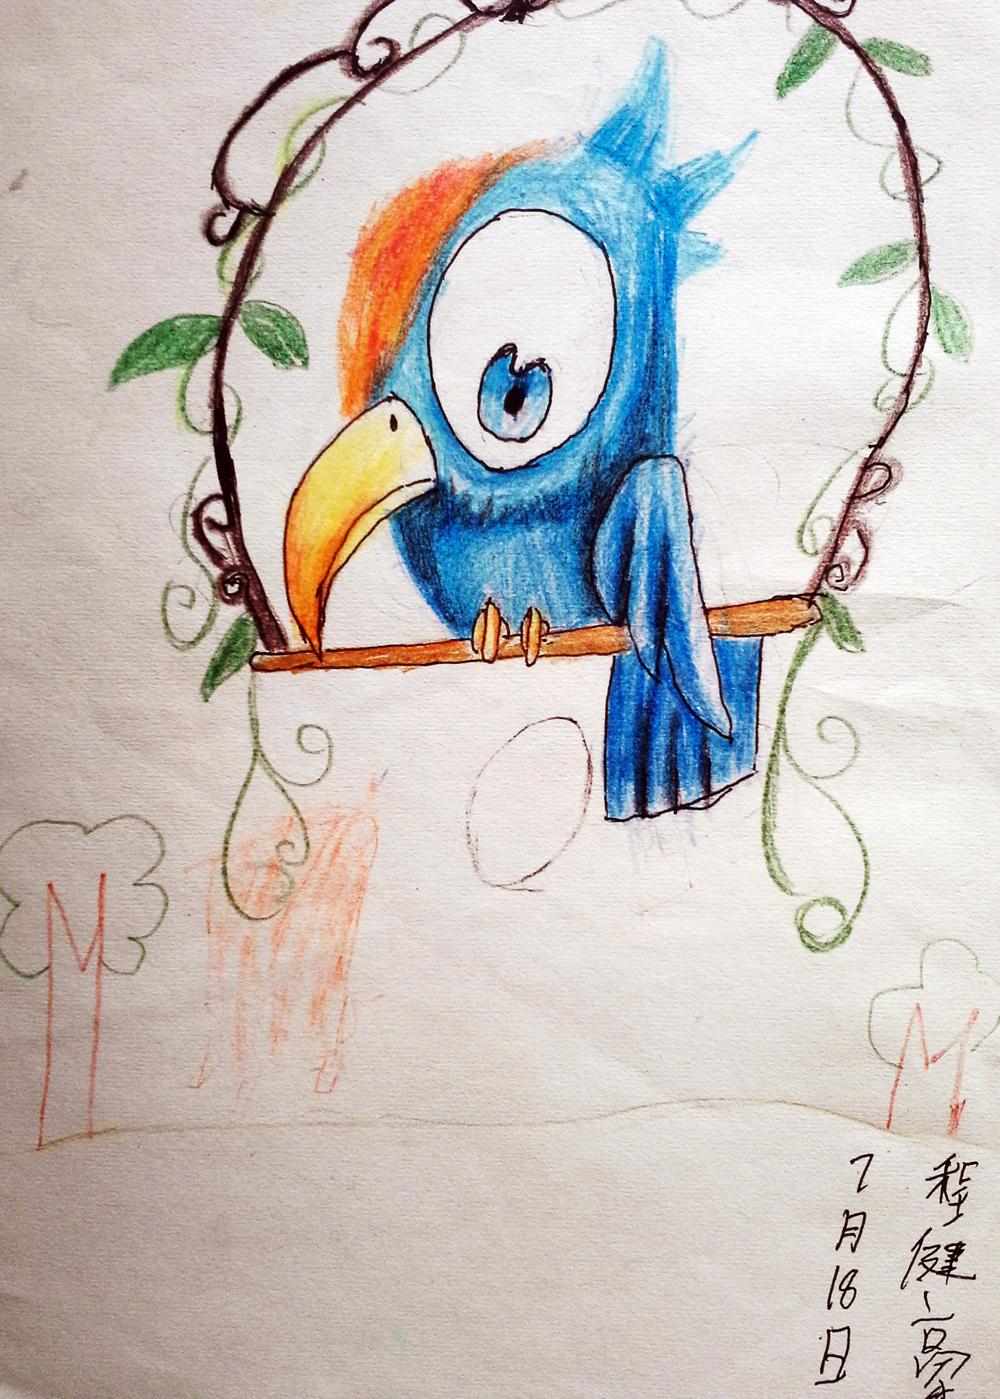 鹦鹉蜡笔画图集2